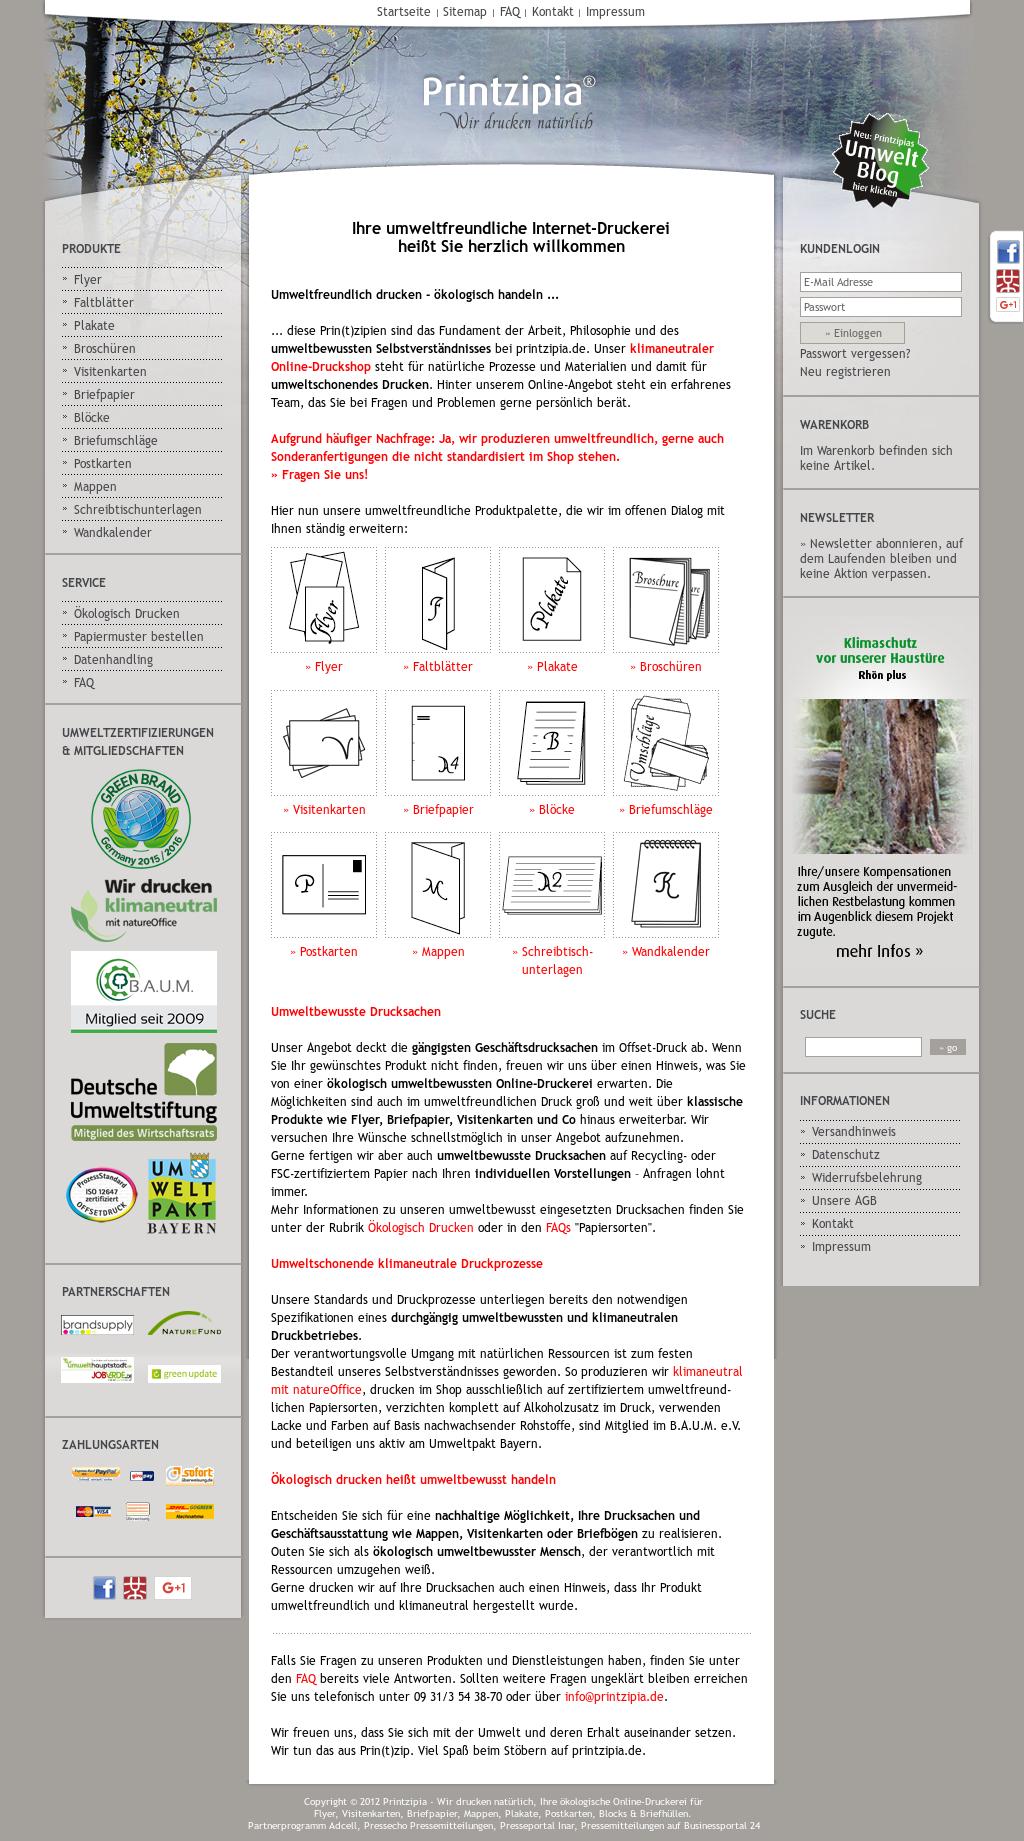 Printzipia Die Umweltfreundliche Druckerei Competitors